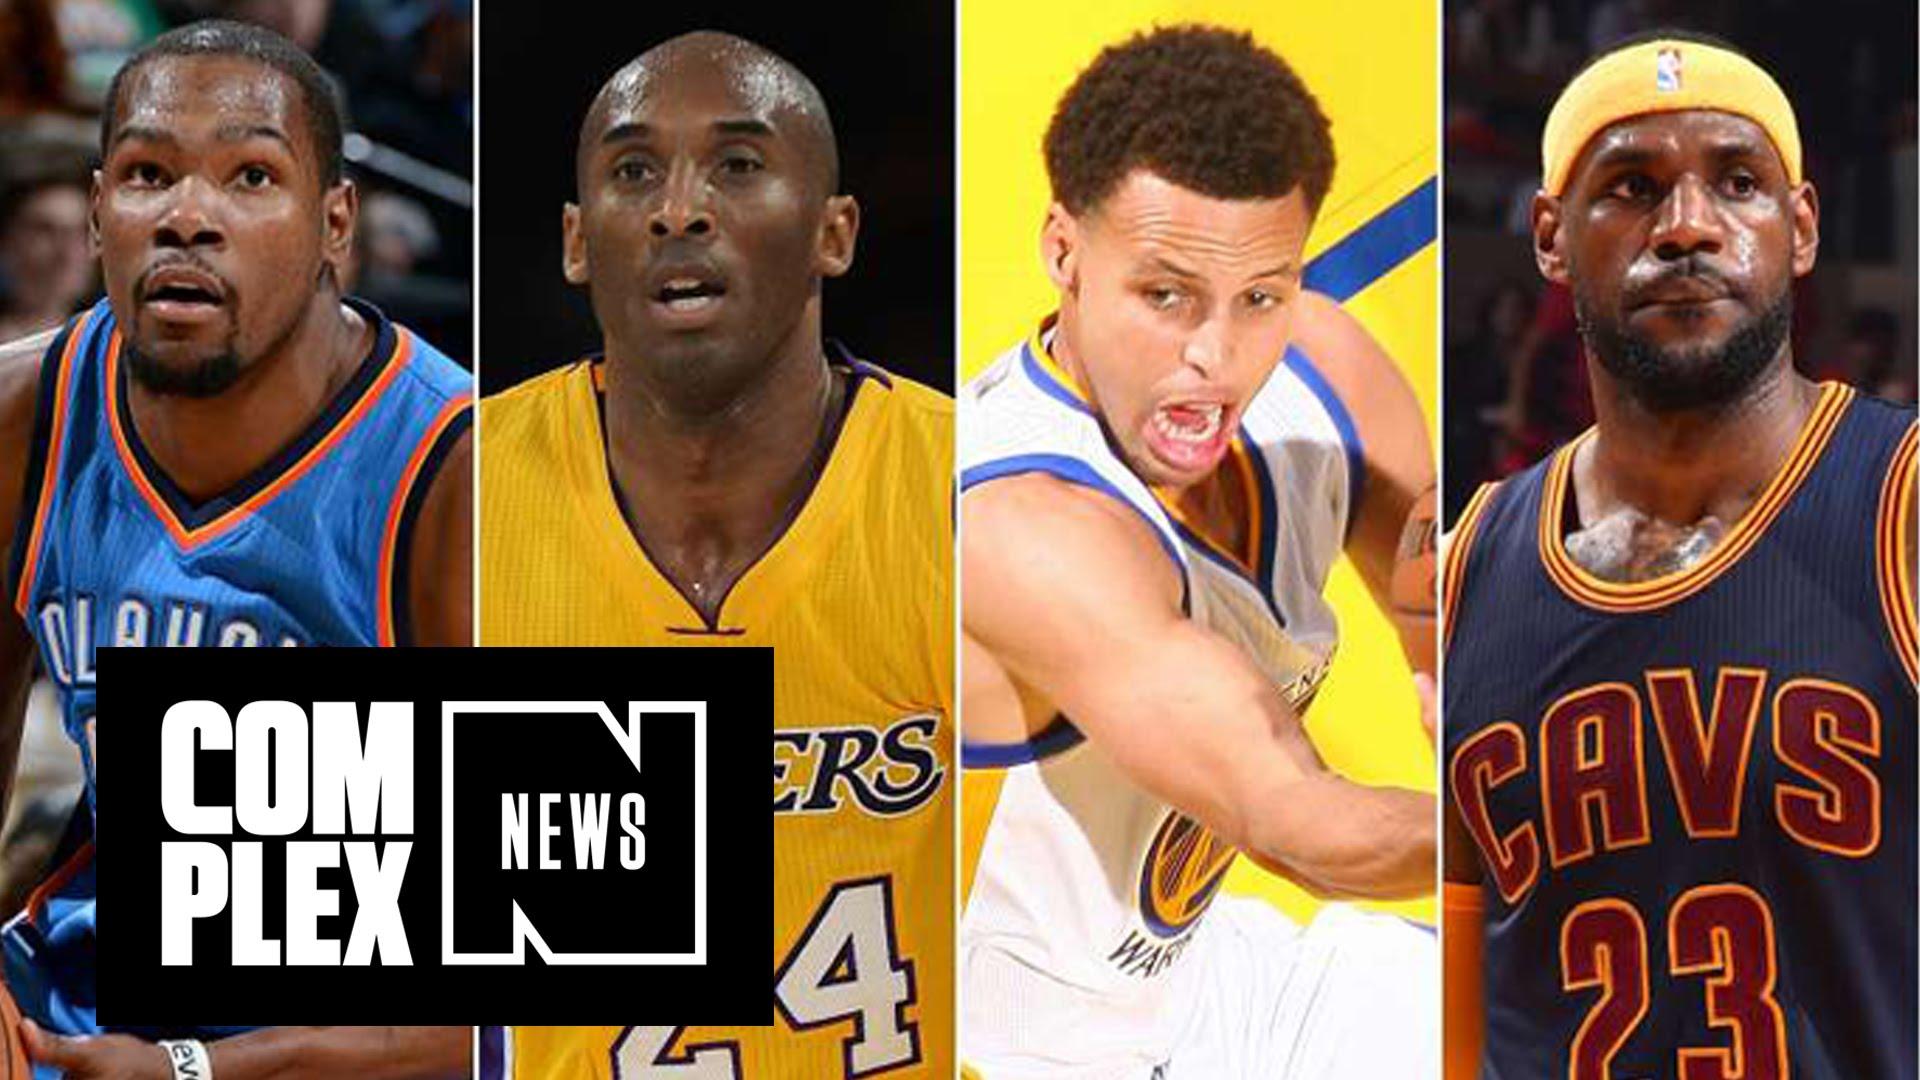 Cái tên được nhắc đến nhiều nhất trong lịch sử NBA là…